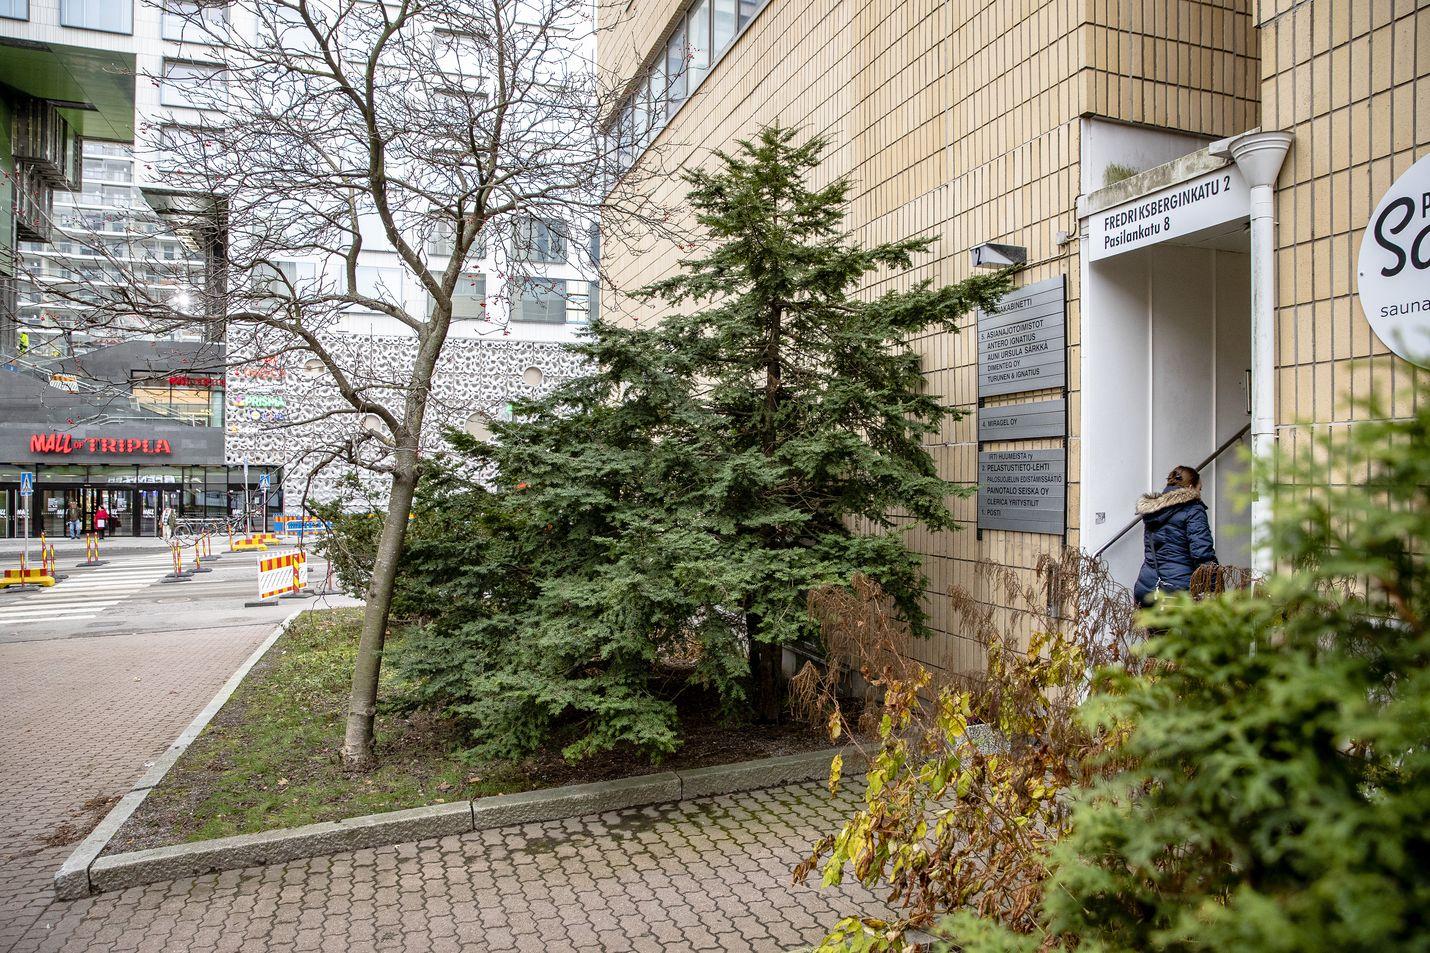 Postin avoimien ovien rekrytointitapahtuma siirrettiin tiistaina Helsingin keskustasta Pasilan raitiolla Triplan ostoskeskuksen vieressä sijaitsevaan Postin rekrytointitilaan. Kolmen aikaan iltapäivällä paikalla näkyi yksi työpaikoista kiinnostunut, ja tilassa oli juuri alkamassa jo rekrytoitujen varhaisjakelijoiden koulutustilaisuus.